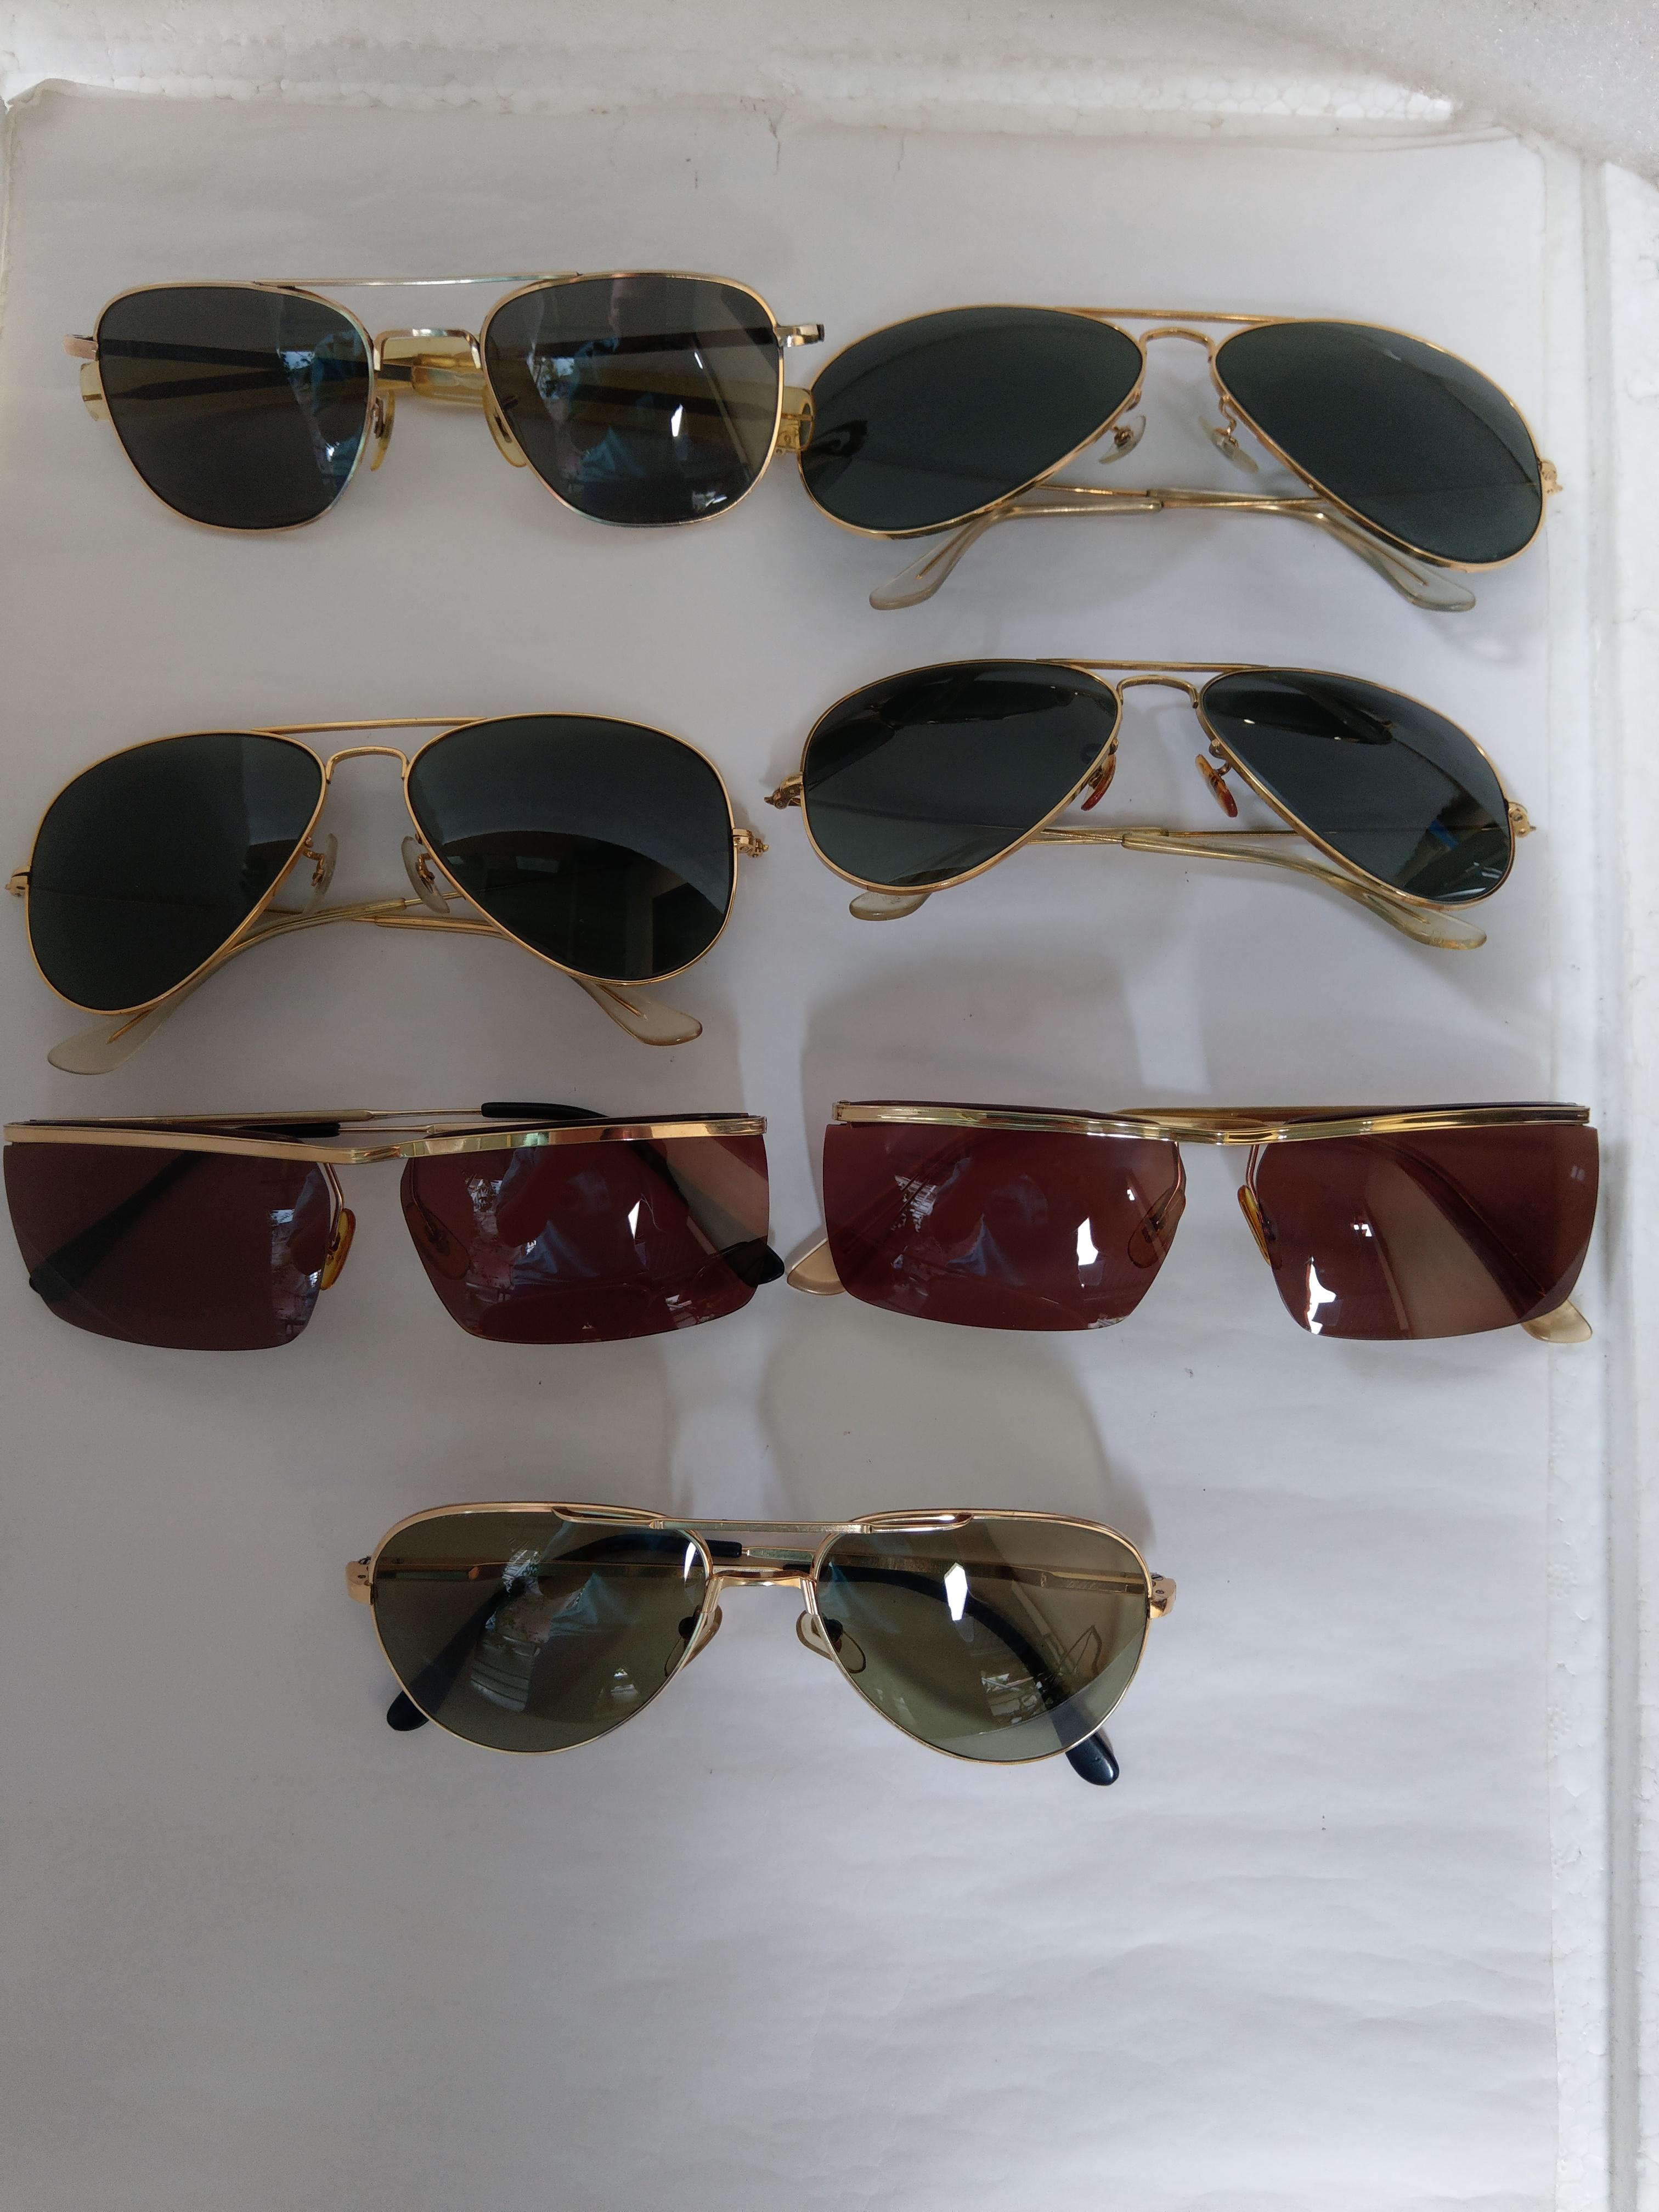 3 Hàng mới  về có 7 cái  kính mạ vàng và bọc  vàng.